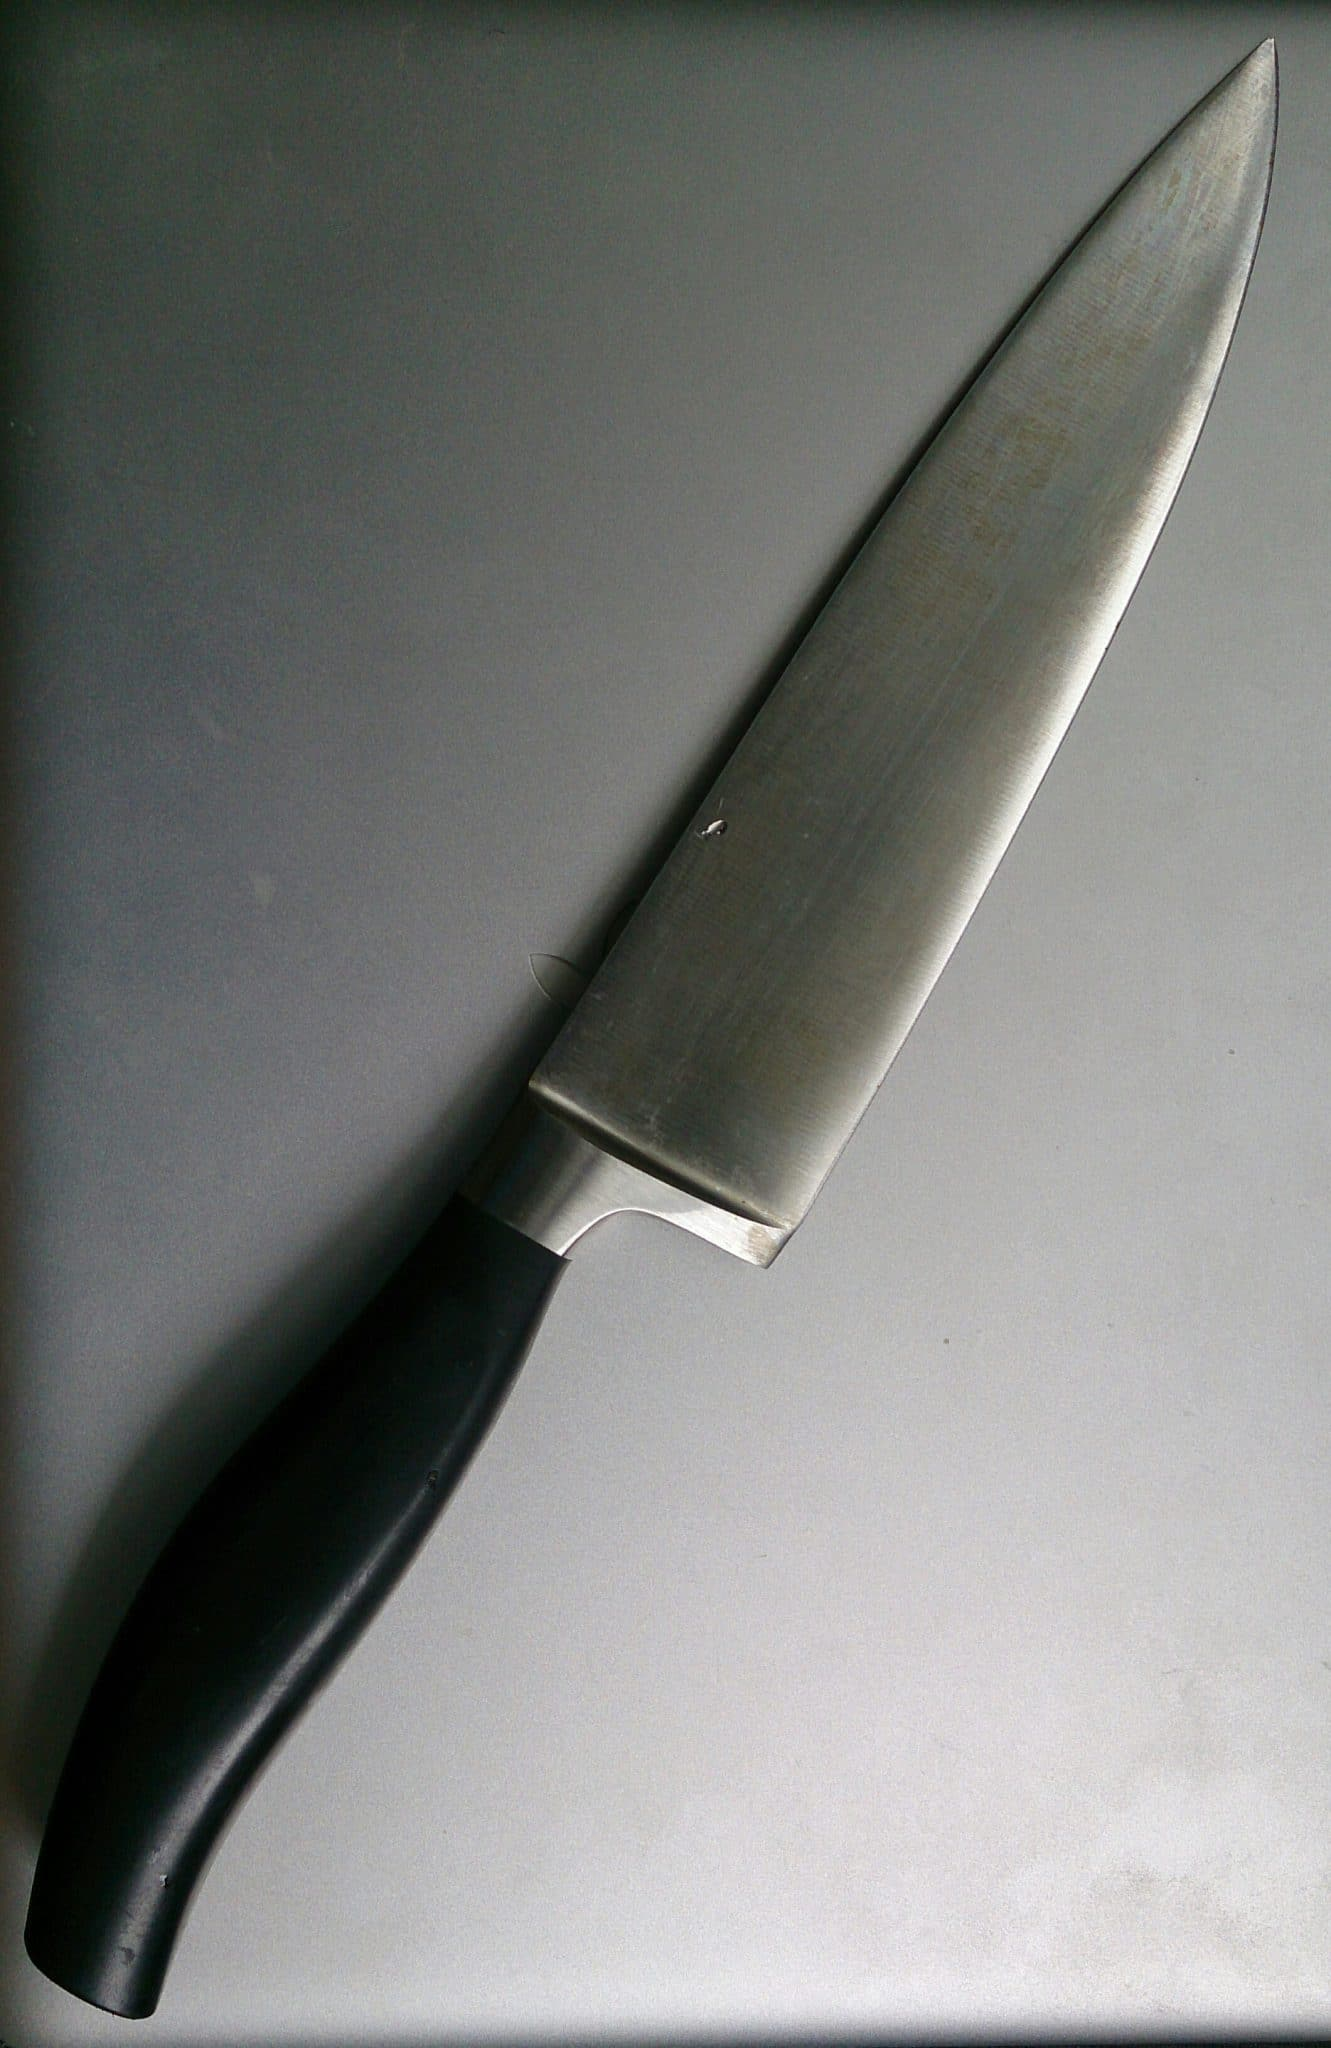 victorinox professional, victorinox professional kitchen knives